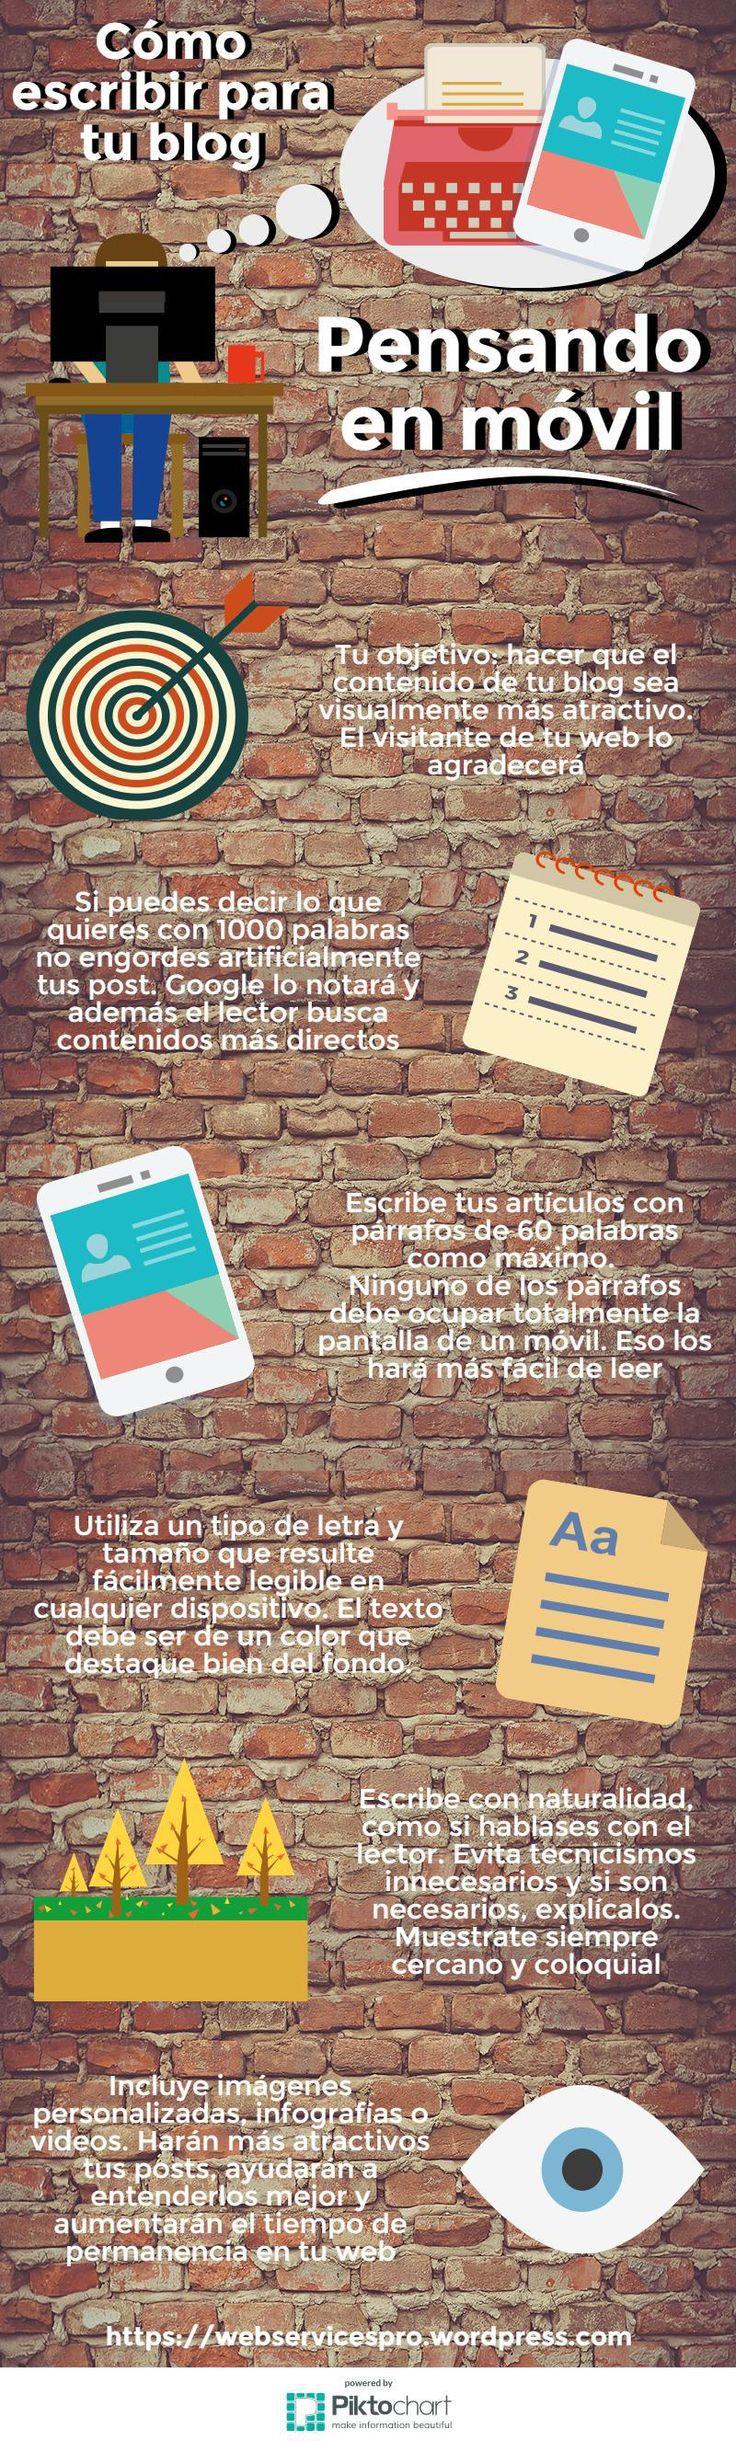 Debes pensar en móvil al escribir los posts de tu blog, importante para ganar usuarios móviles y posicionar mejor. Te damos algunas claves.